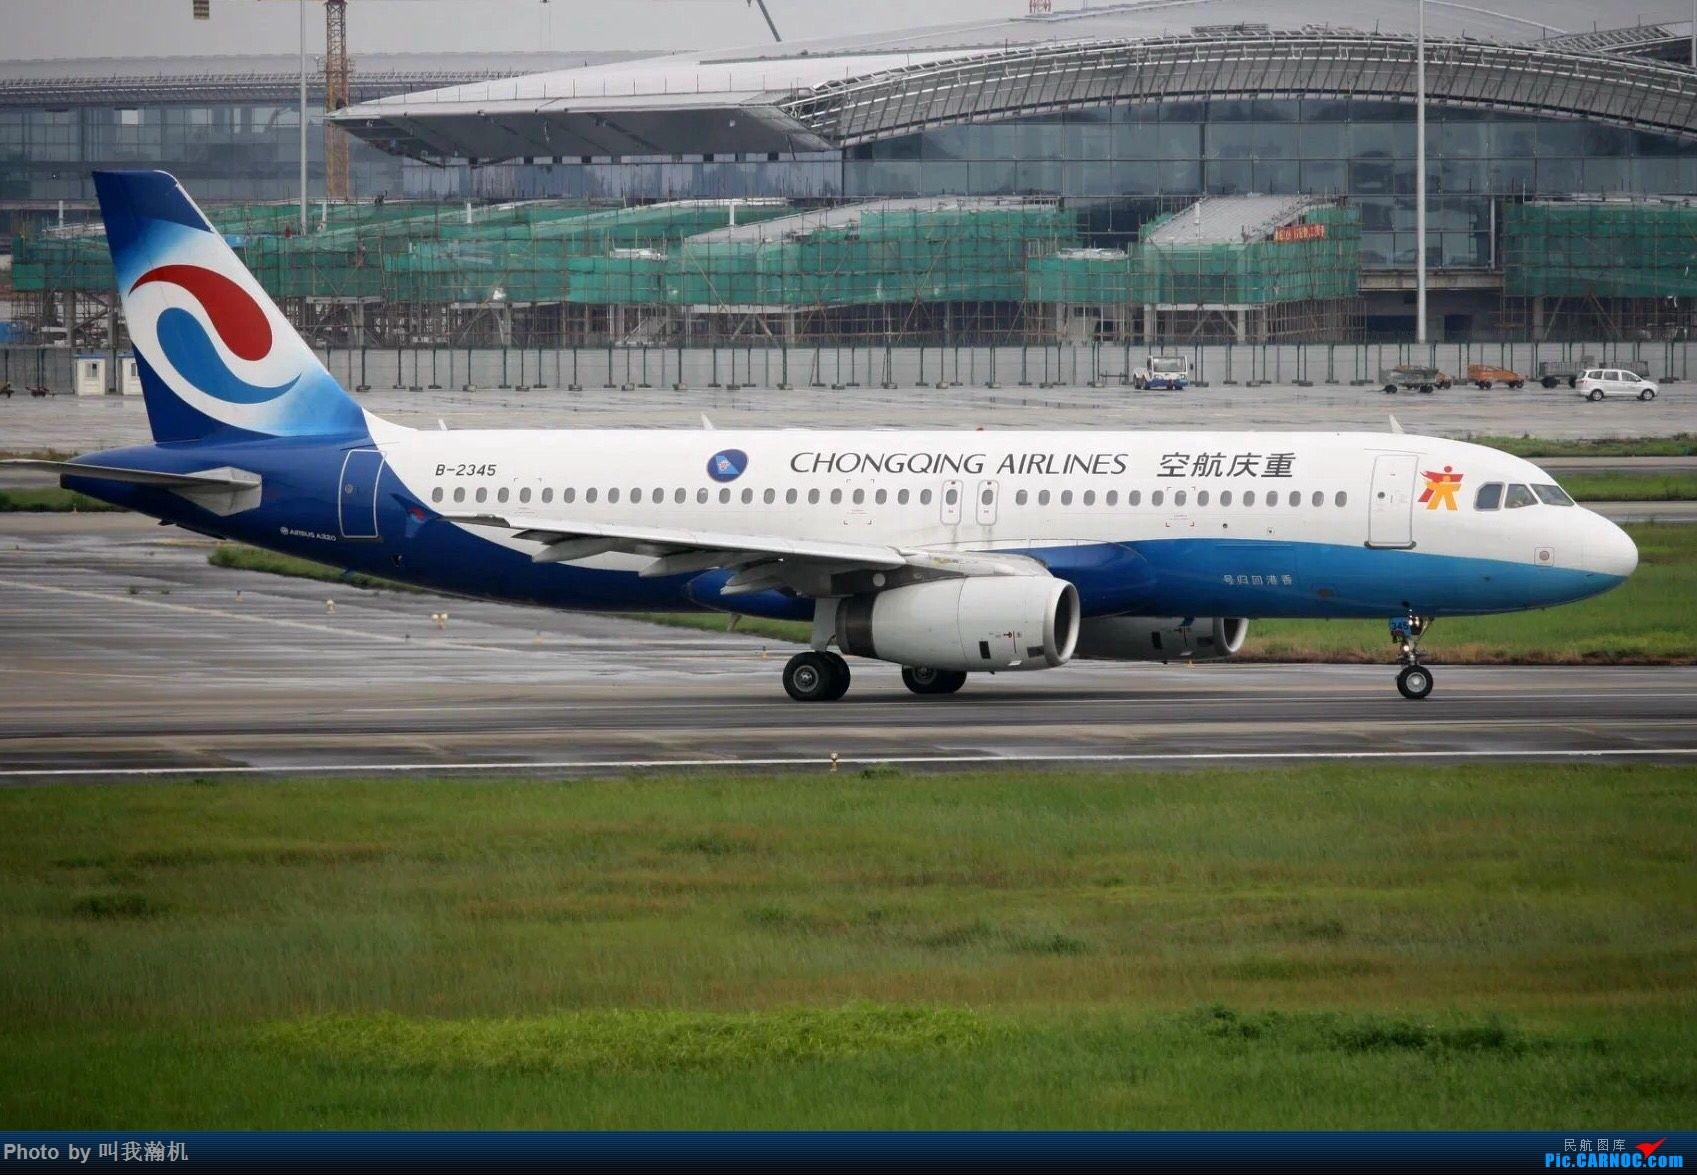 重庆航空B-2345香港回归号